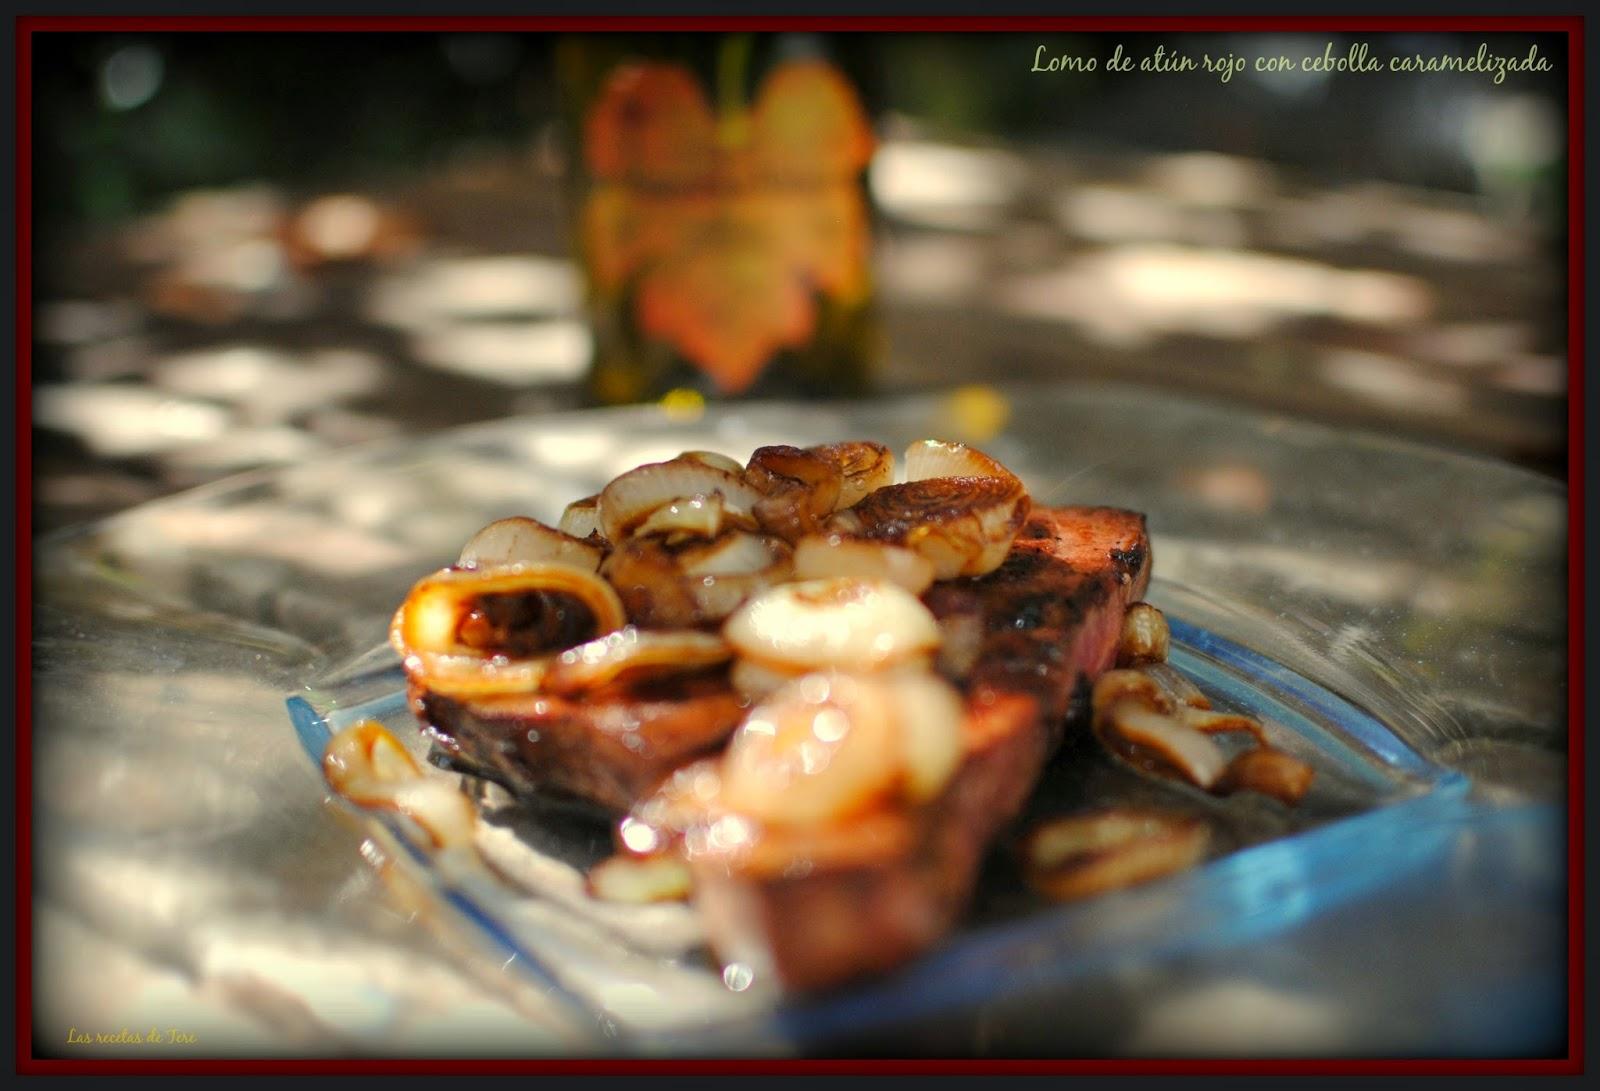 lomo de atún rojo con cebolla caramelizada 01